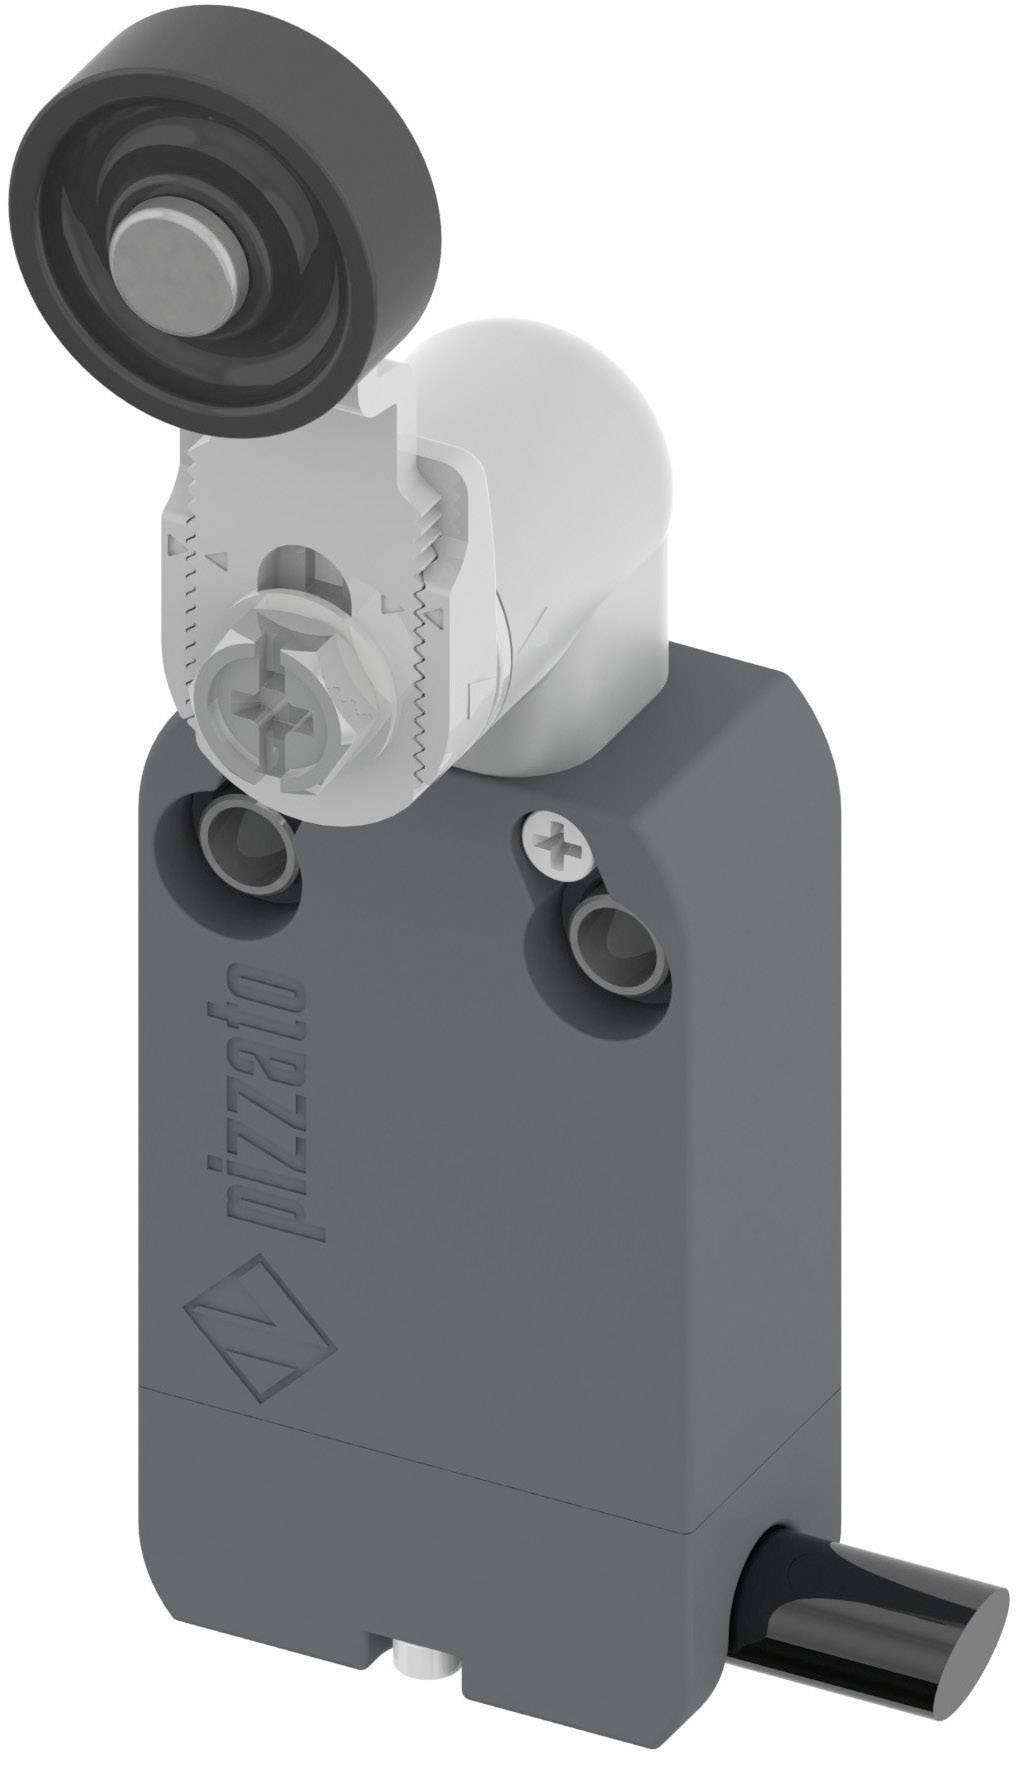 Polohový spínač Pizzato Elettrica NF B112KG-DN2, 250 V/AC, 4 A, kabel bez konektorů, 2 m